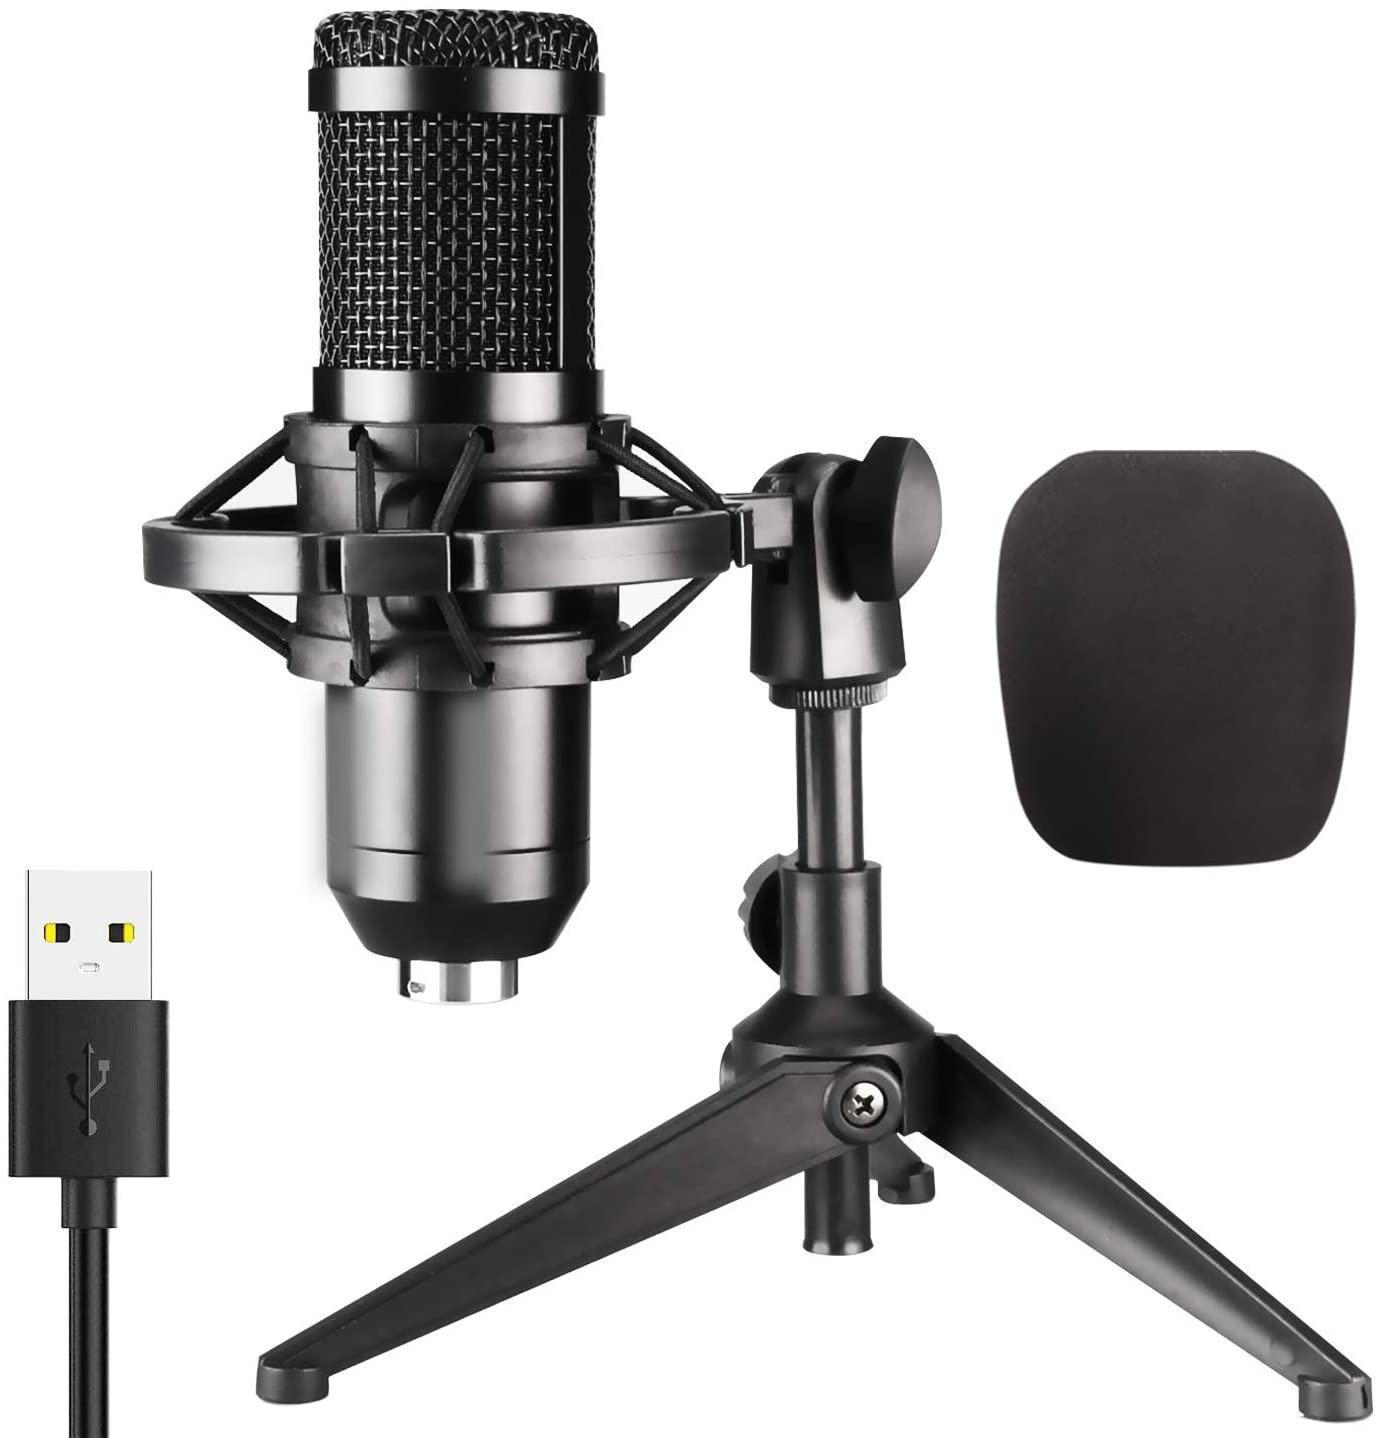 USB Mikrofon, PC Bilgisayar Masaüstü Dizüstü Bilgisayar Mac veya Windows Kayıt için Kondenser Kayıt Mikrofonu, Ses Şu Yayınlar, yayın yayınları)